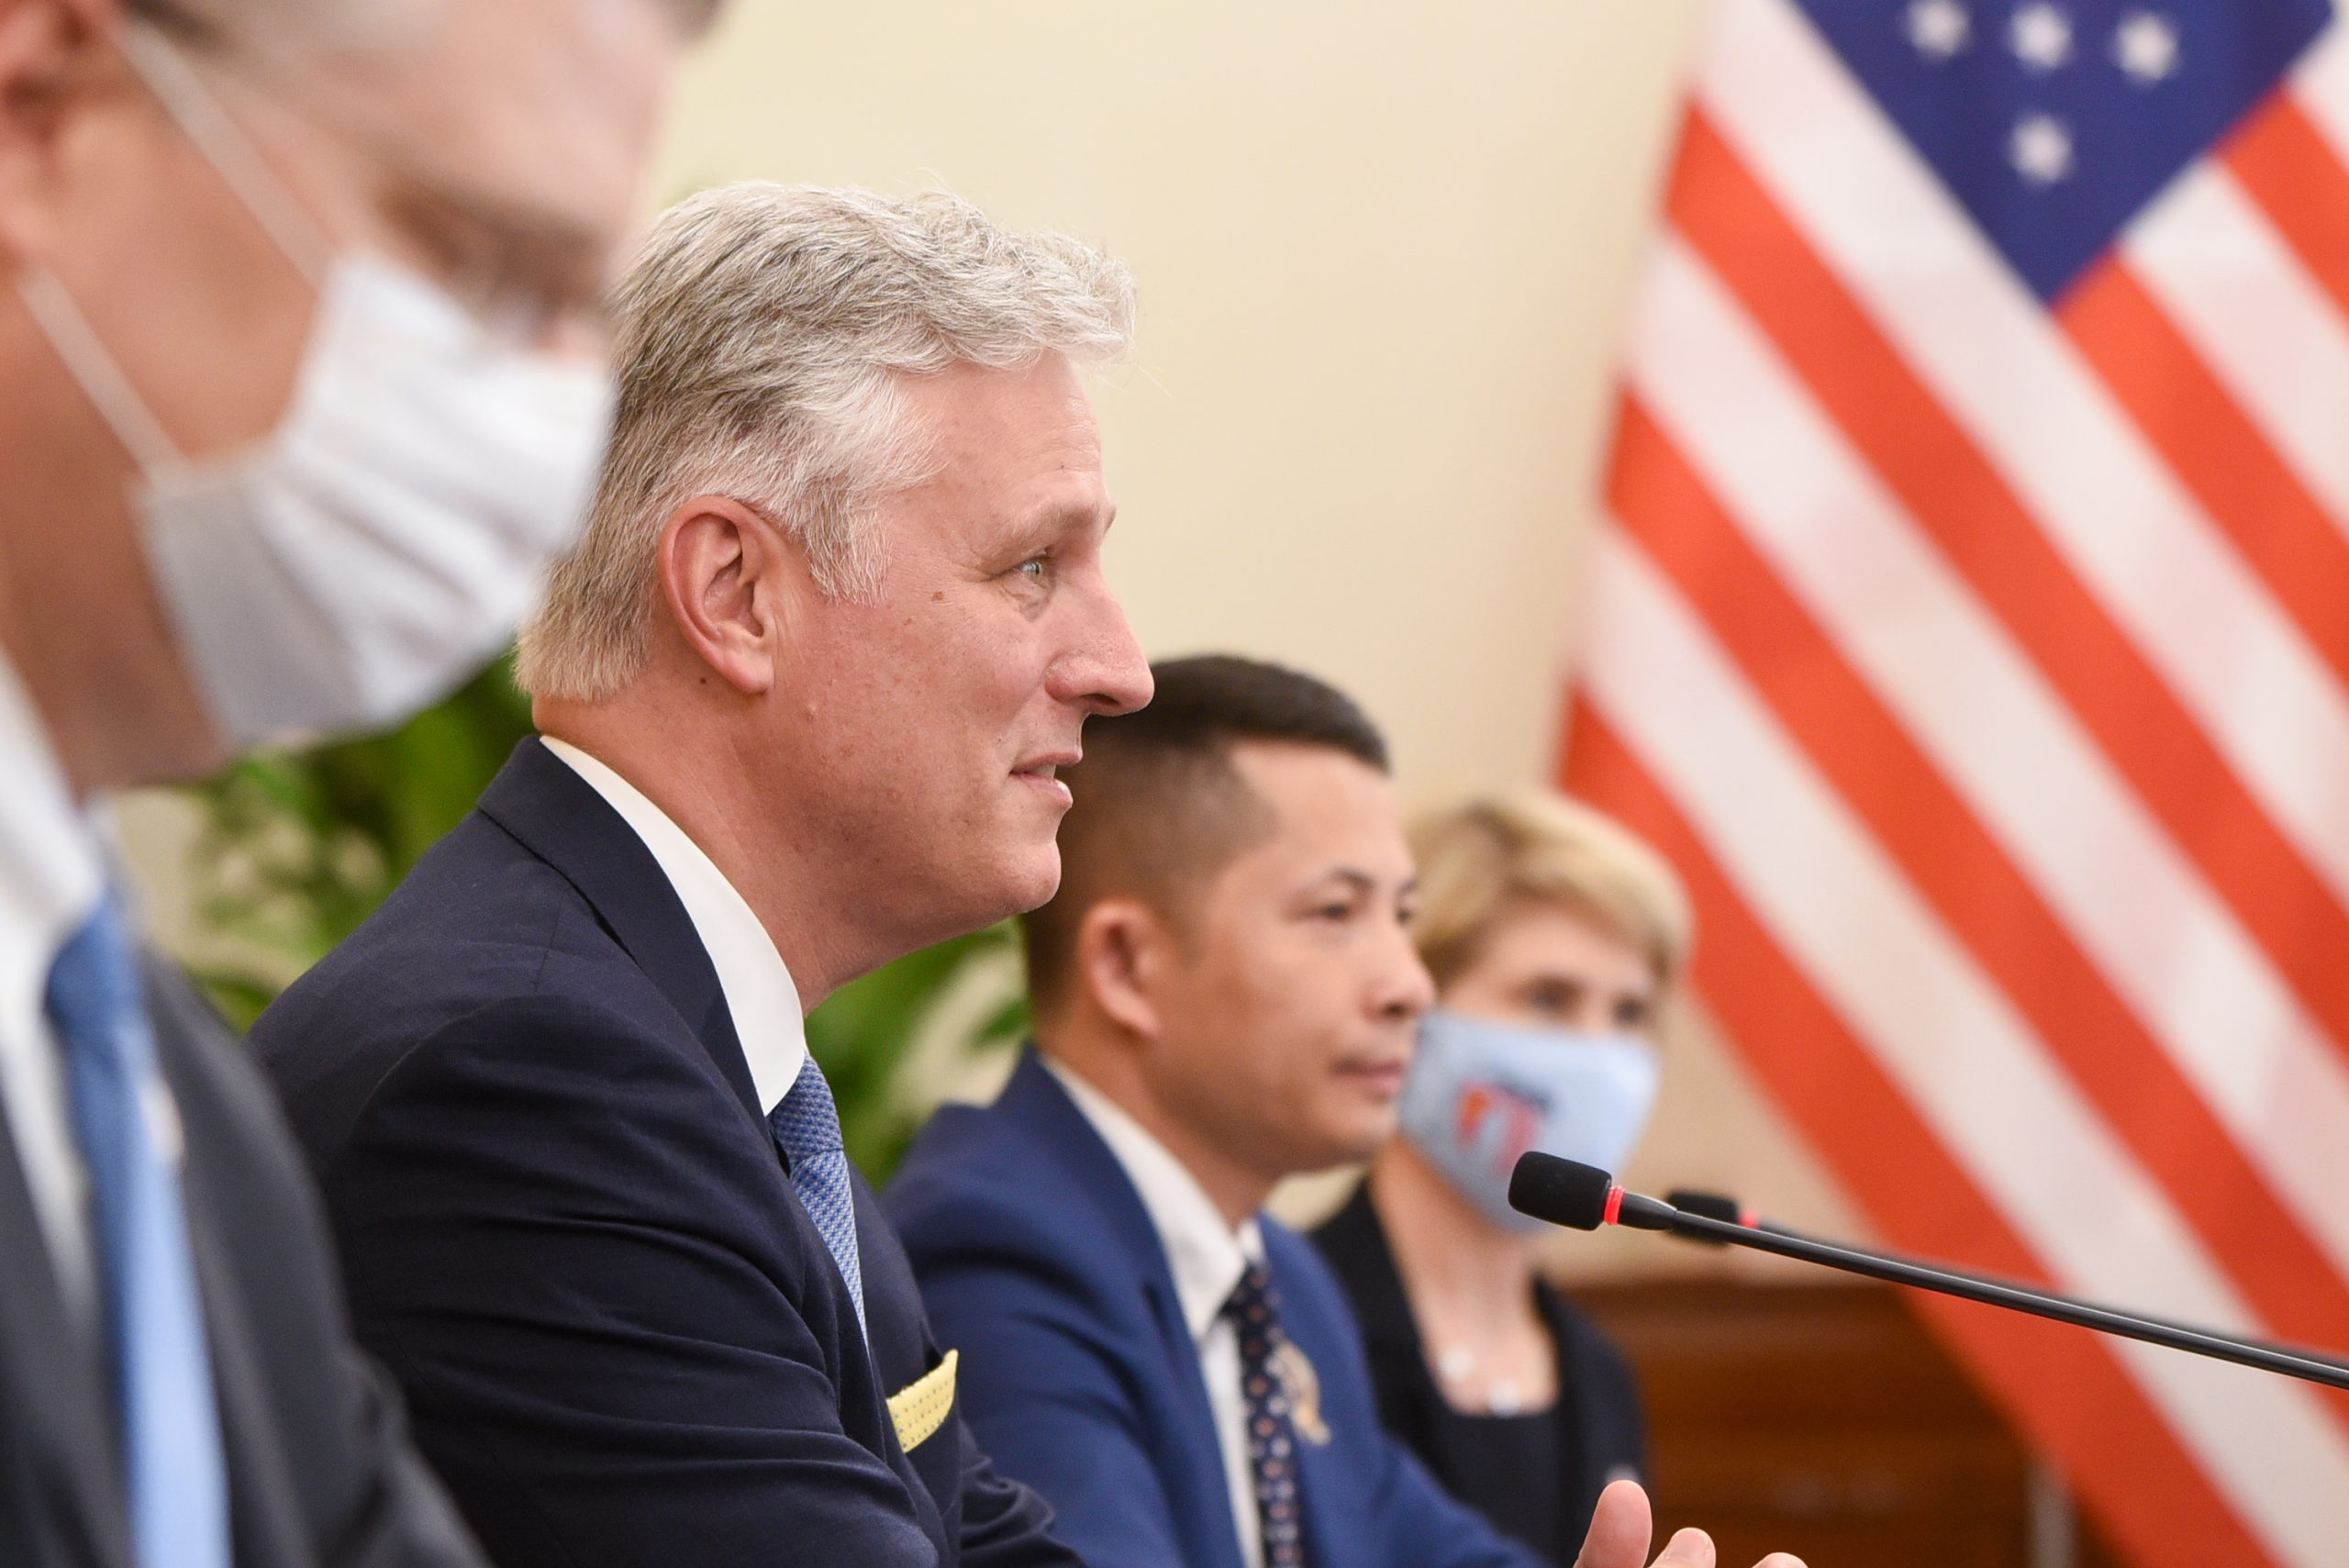 Cố vấn an ninhTổng Thống Trump yêu cầuCSVN hạn chế nhập cảng các lô hàng của Trung Cộng để tránh thuế